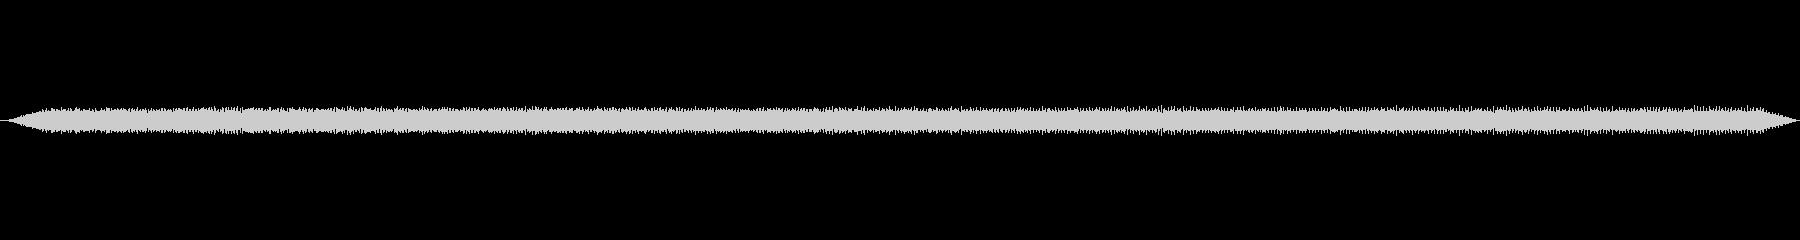 車 カマロハイRPMエキゾースト04の未再生の波形